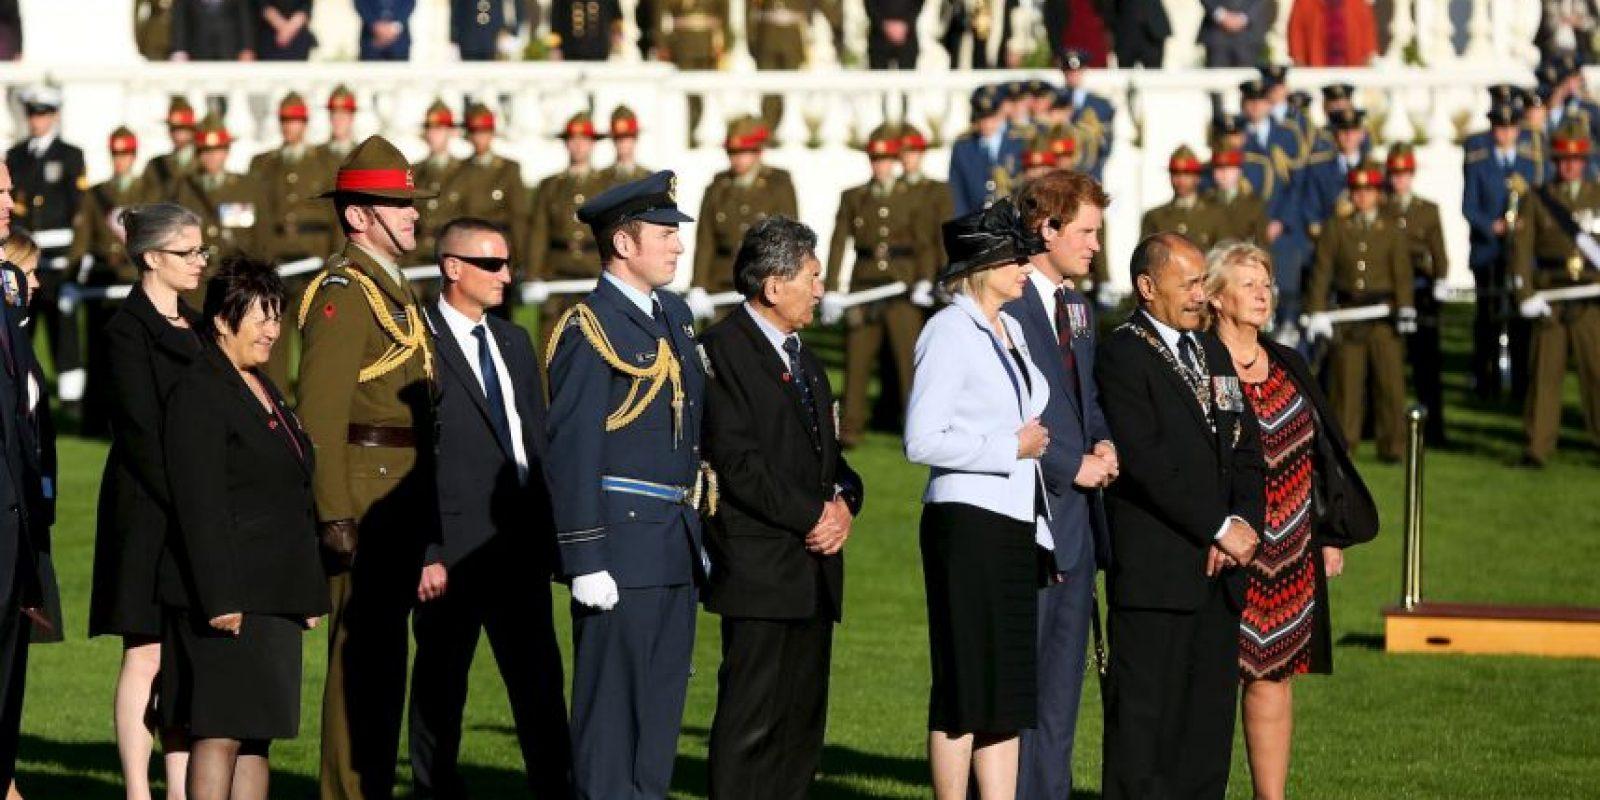 Esta visita es la primera que el príncipe Harry ha hecho a Nueva Zelanda. Foto:Getty Images